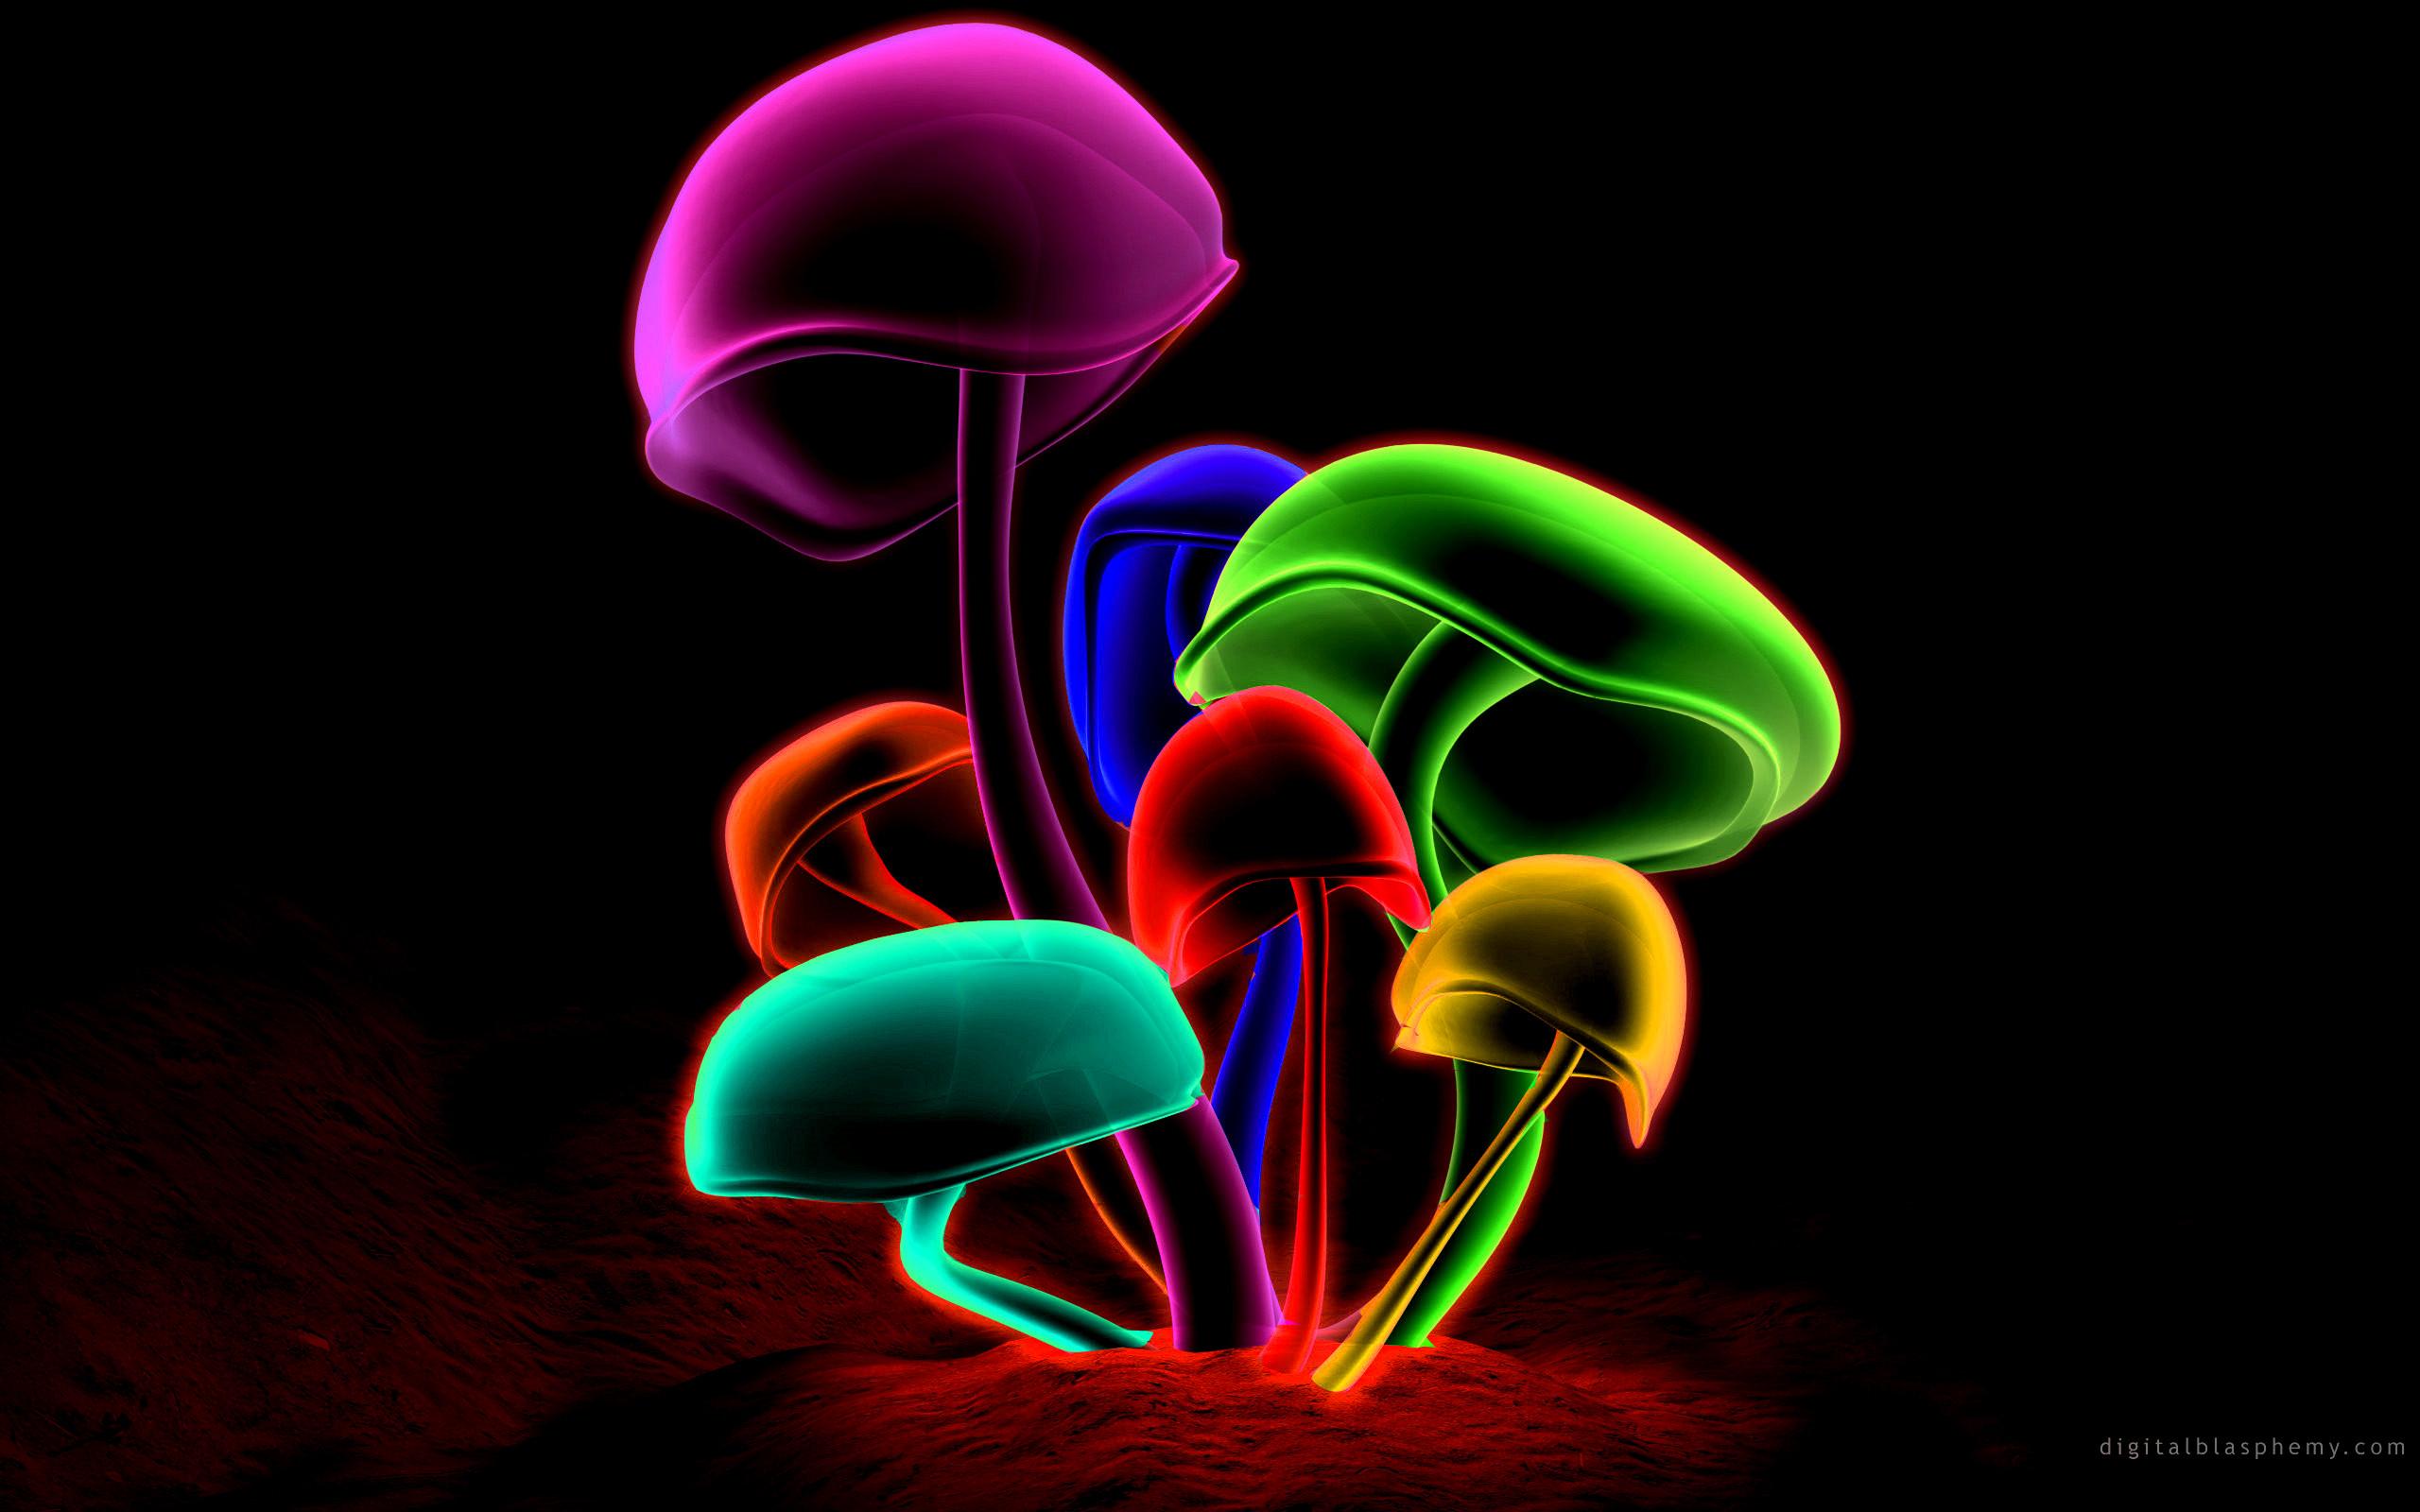 3D Mushroom Live Wallpaper For Pc